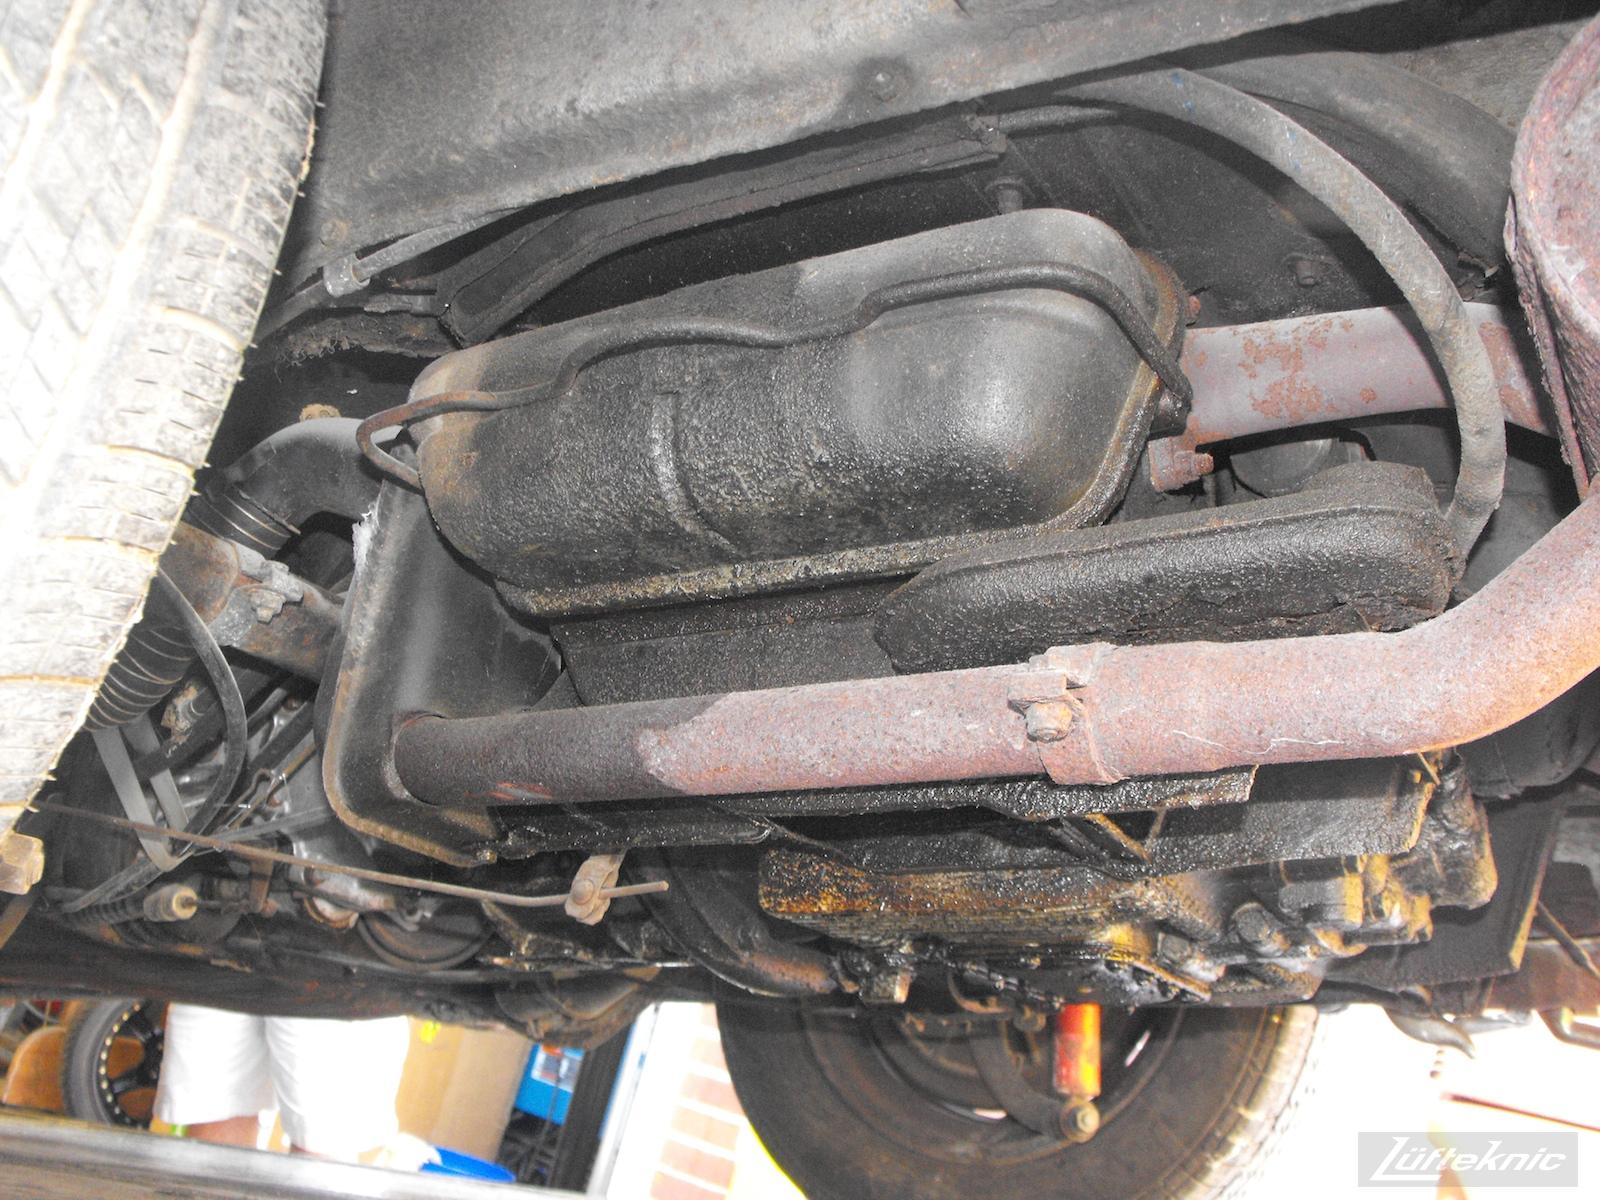 Underneath the engine of a 1964 Porsche 356SC restoration.